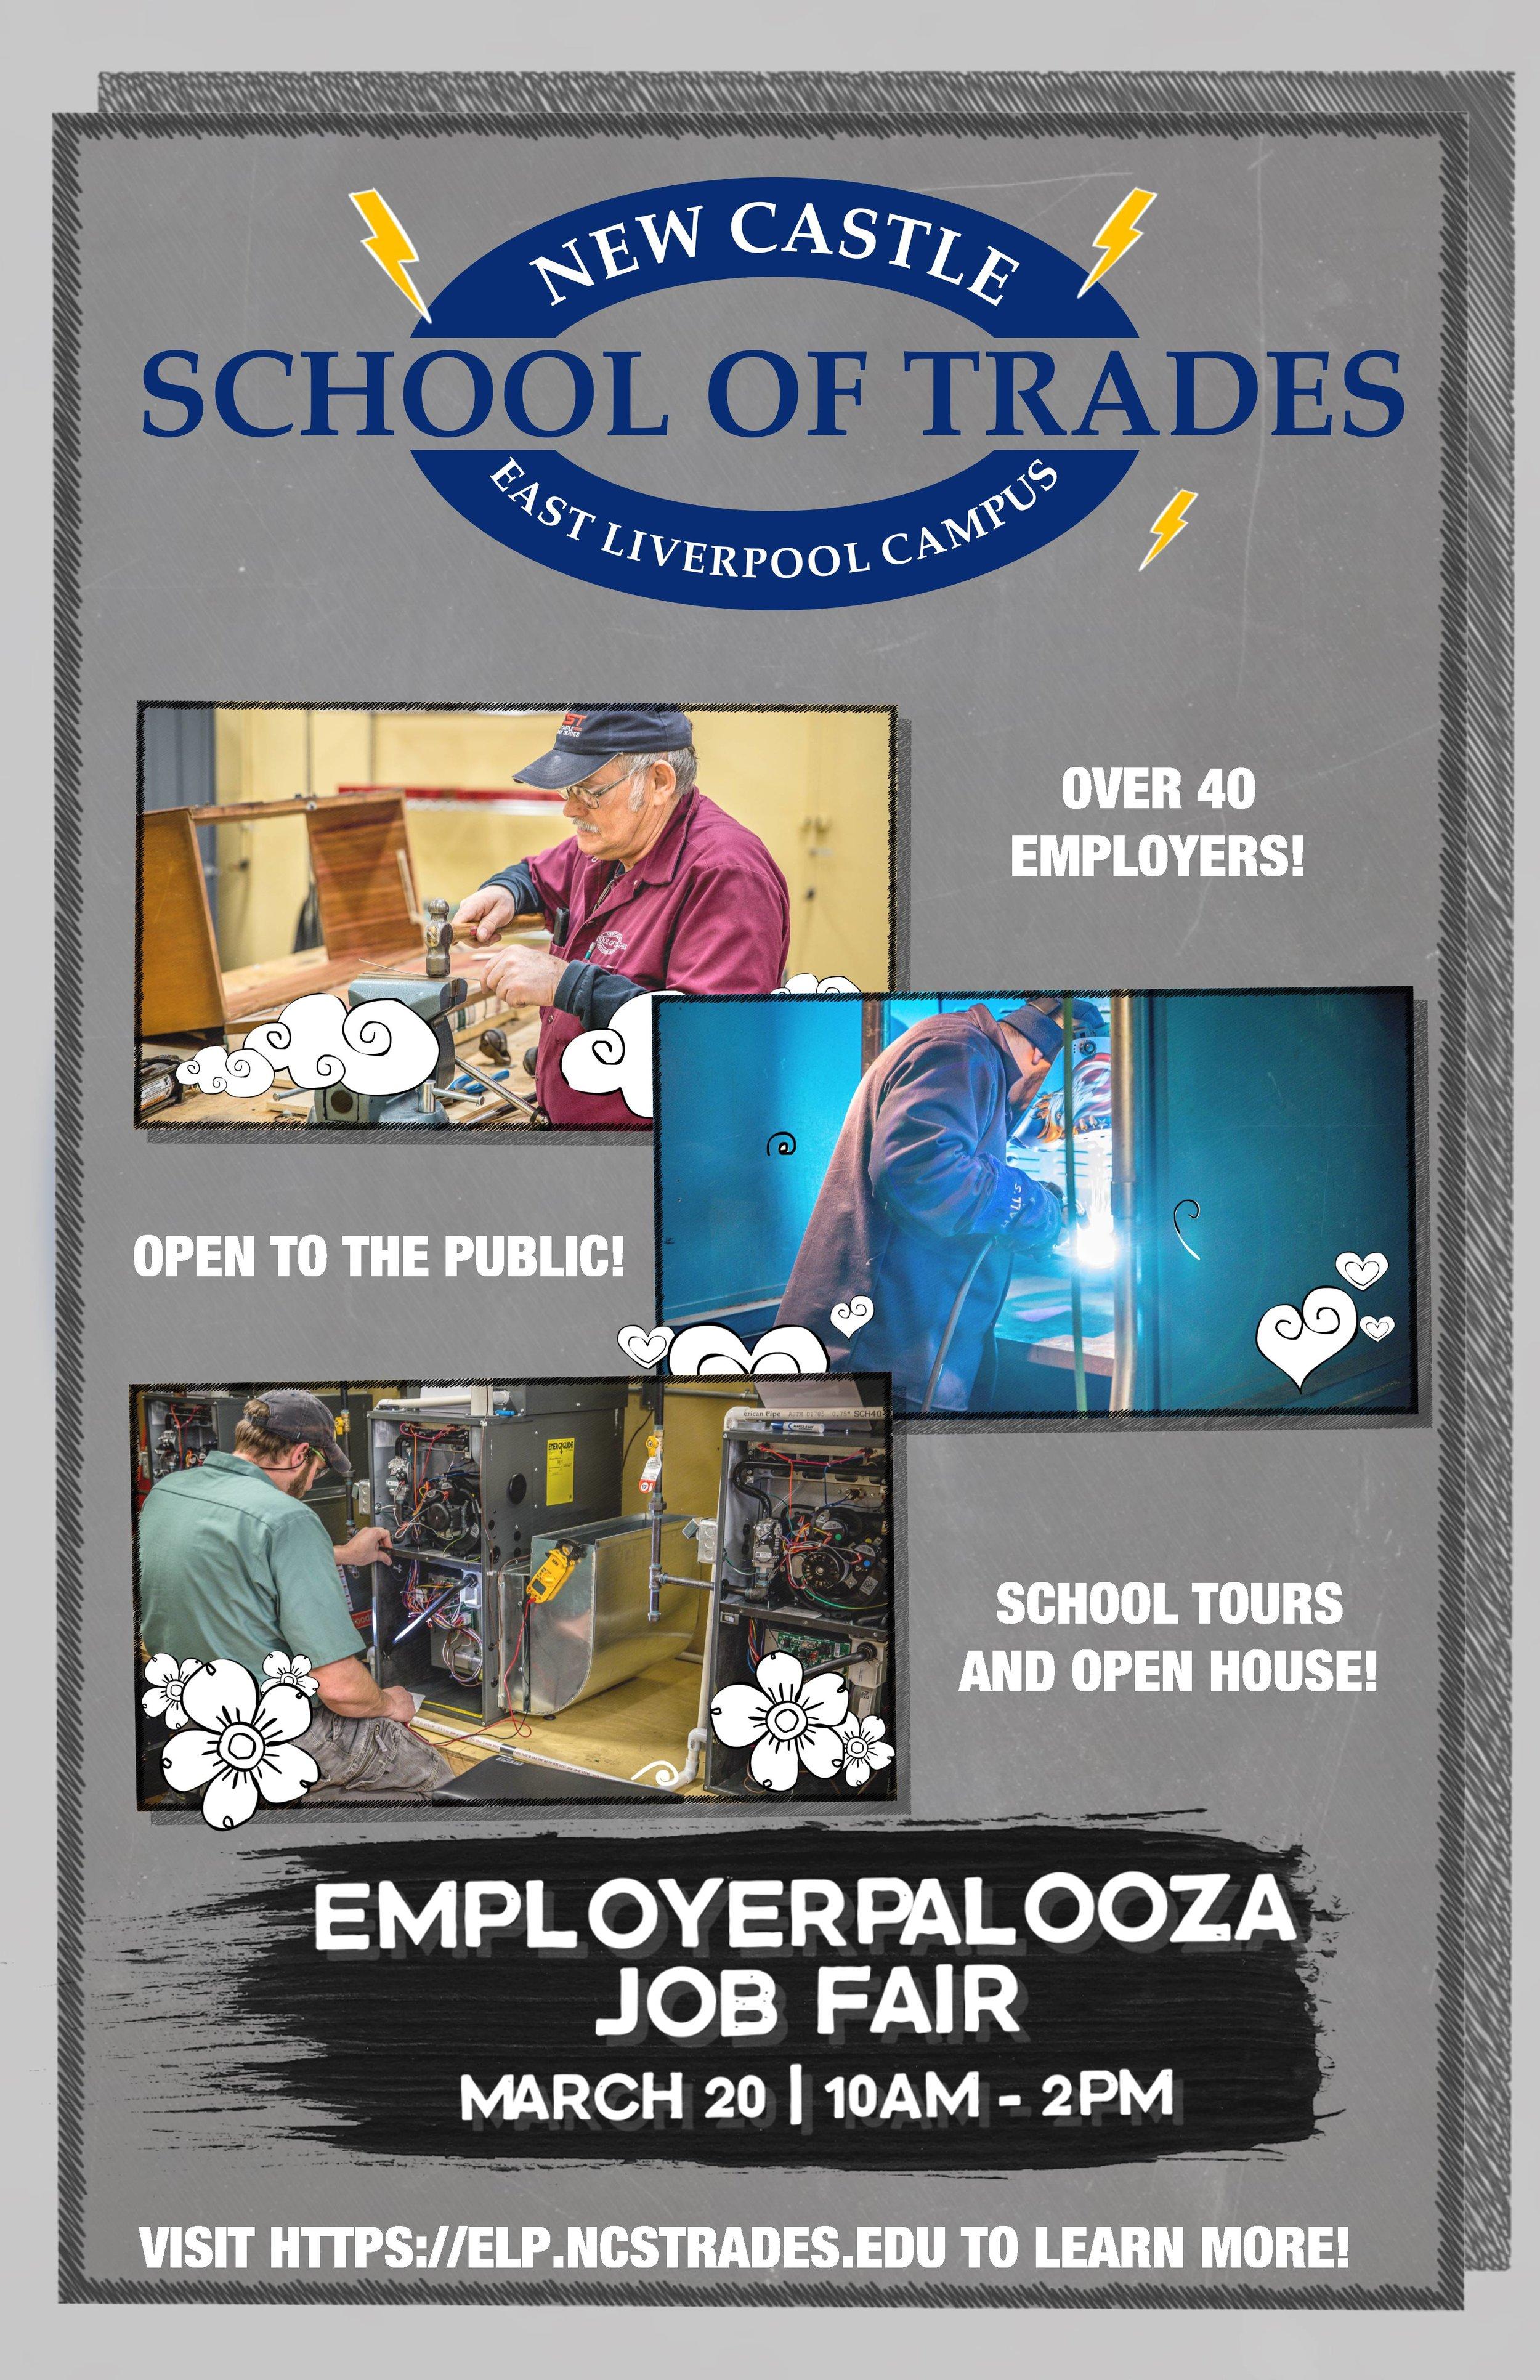 employerpalooza poster.jpg